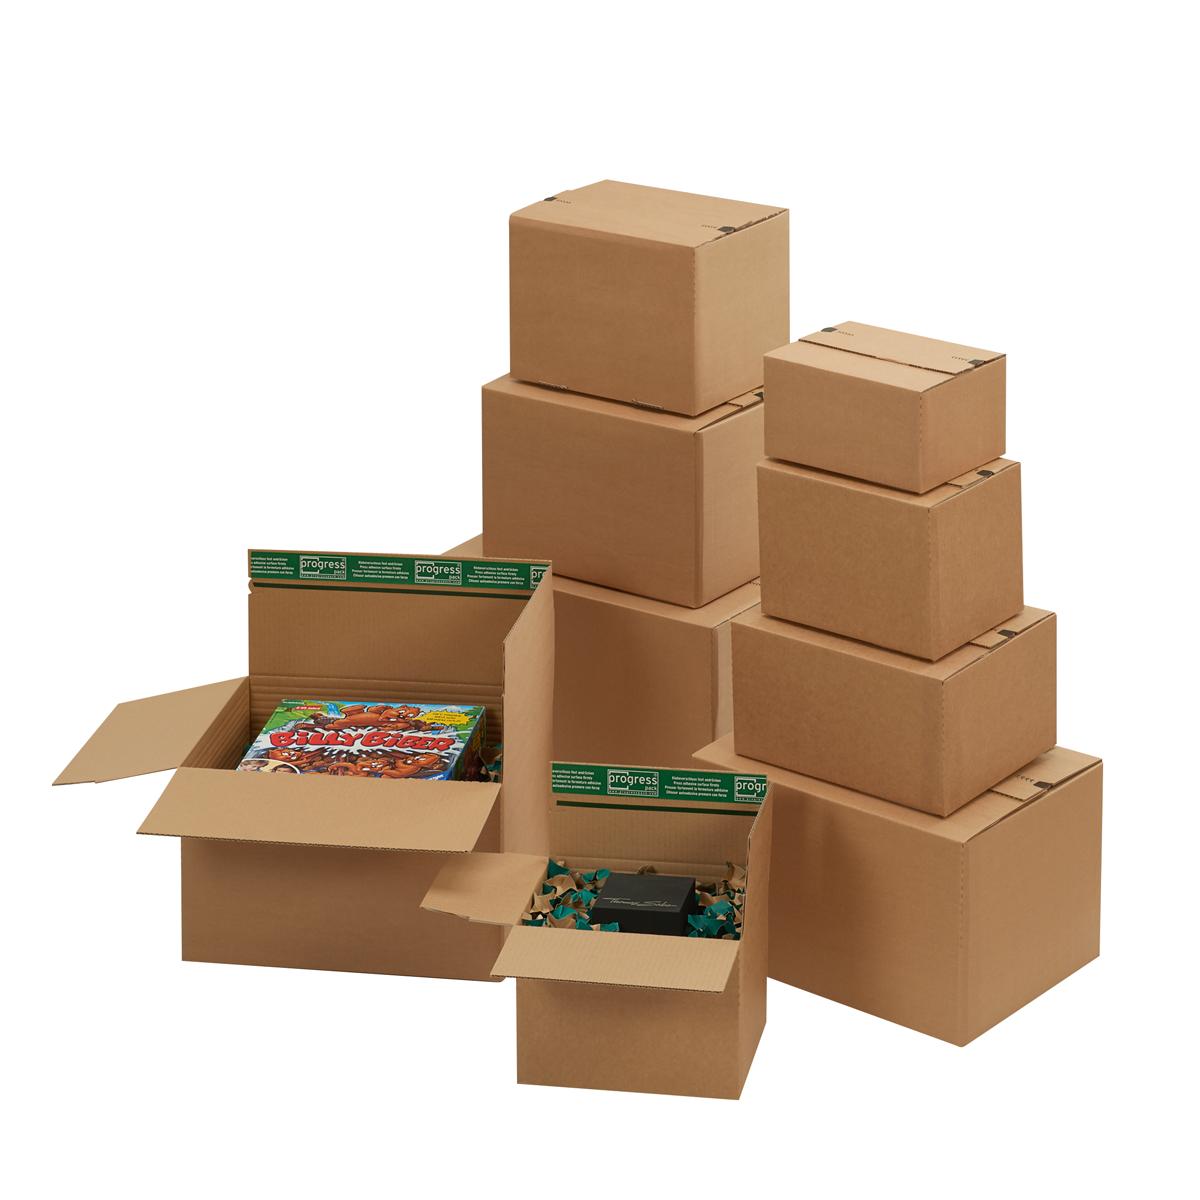 faltkartons und kartons zum bestpreis kaufen. Black Bedroom Furniture Sets. Home Design Ideas